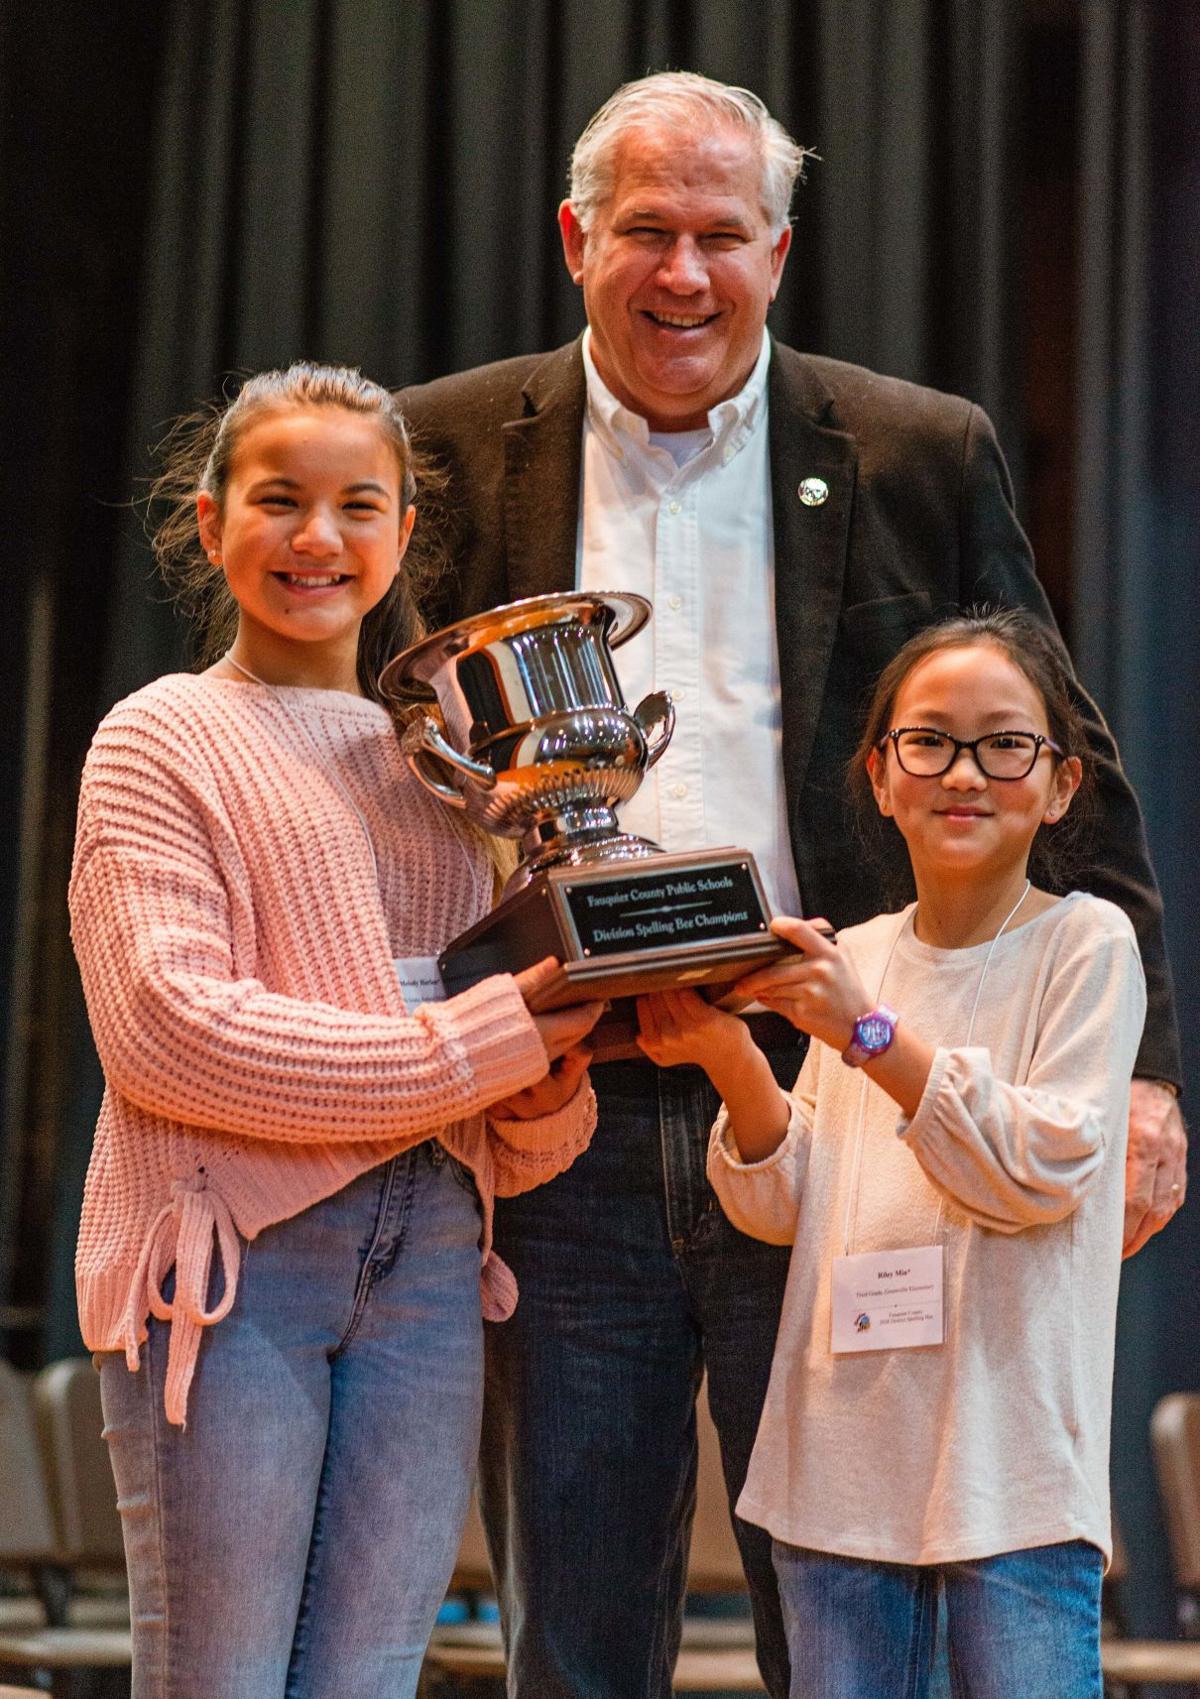 spelling bee winner and runner up